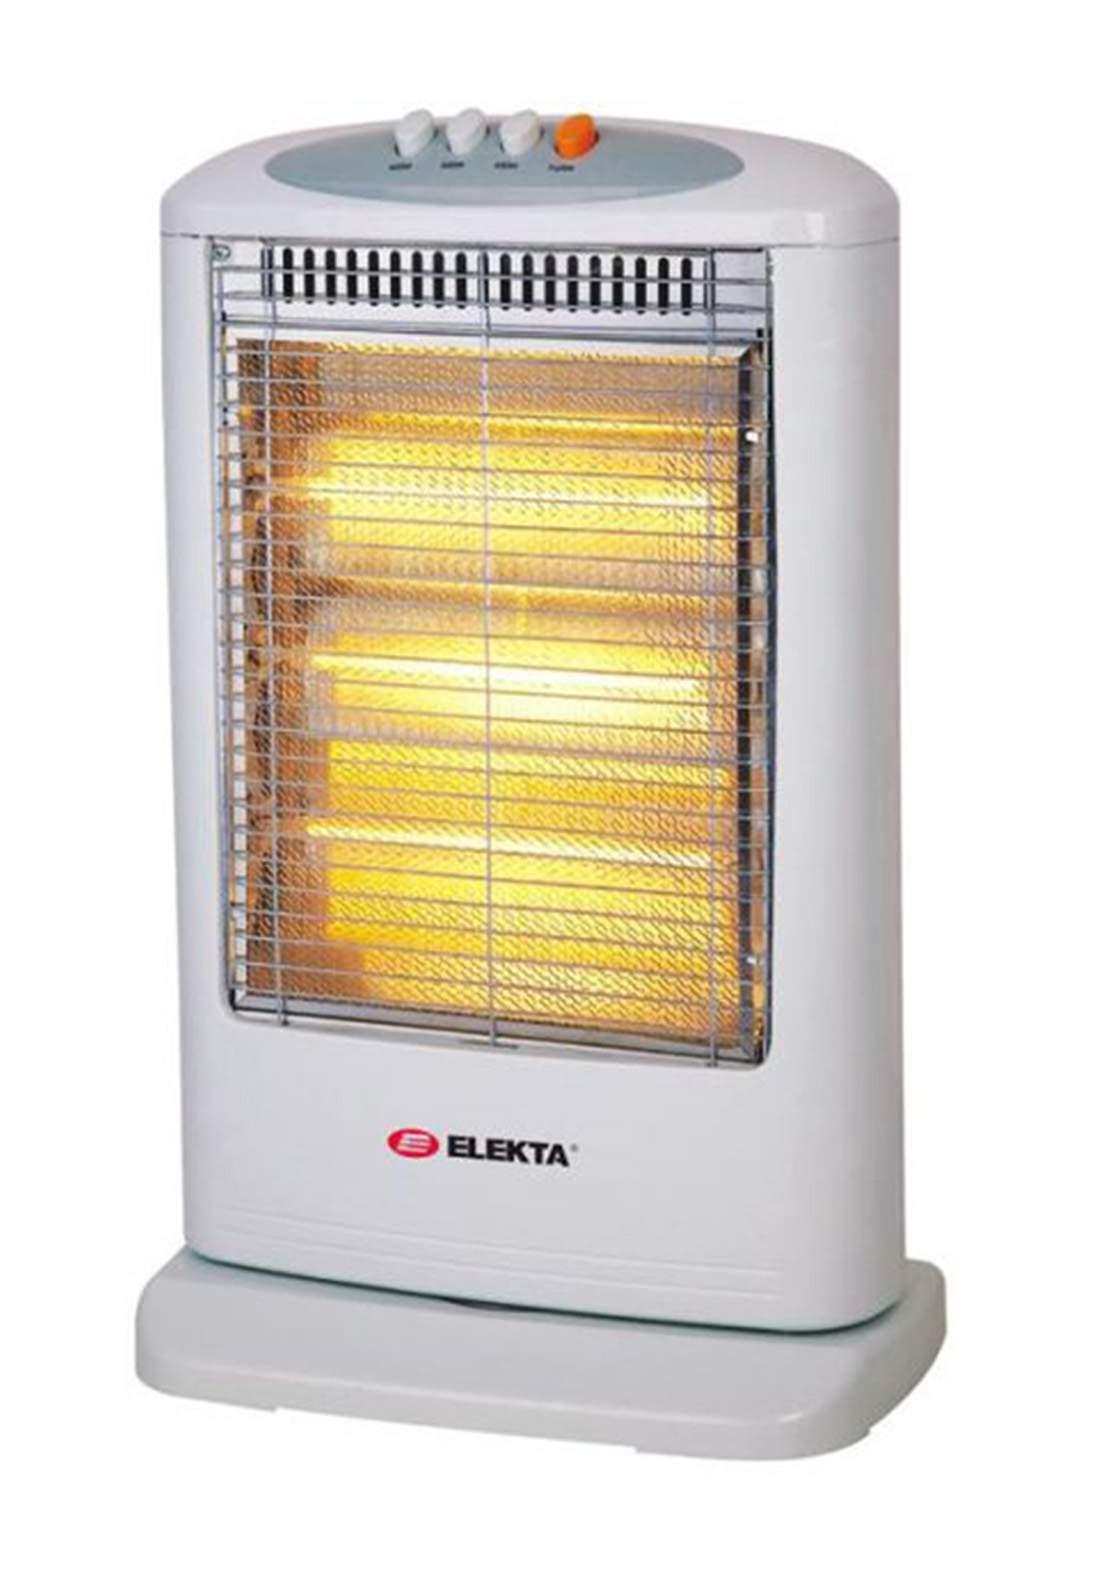 Elekta EHH-906 Halogen Heater with 3 Powerful Halogen Heater Lamps مدفئة هالوجين